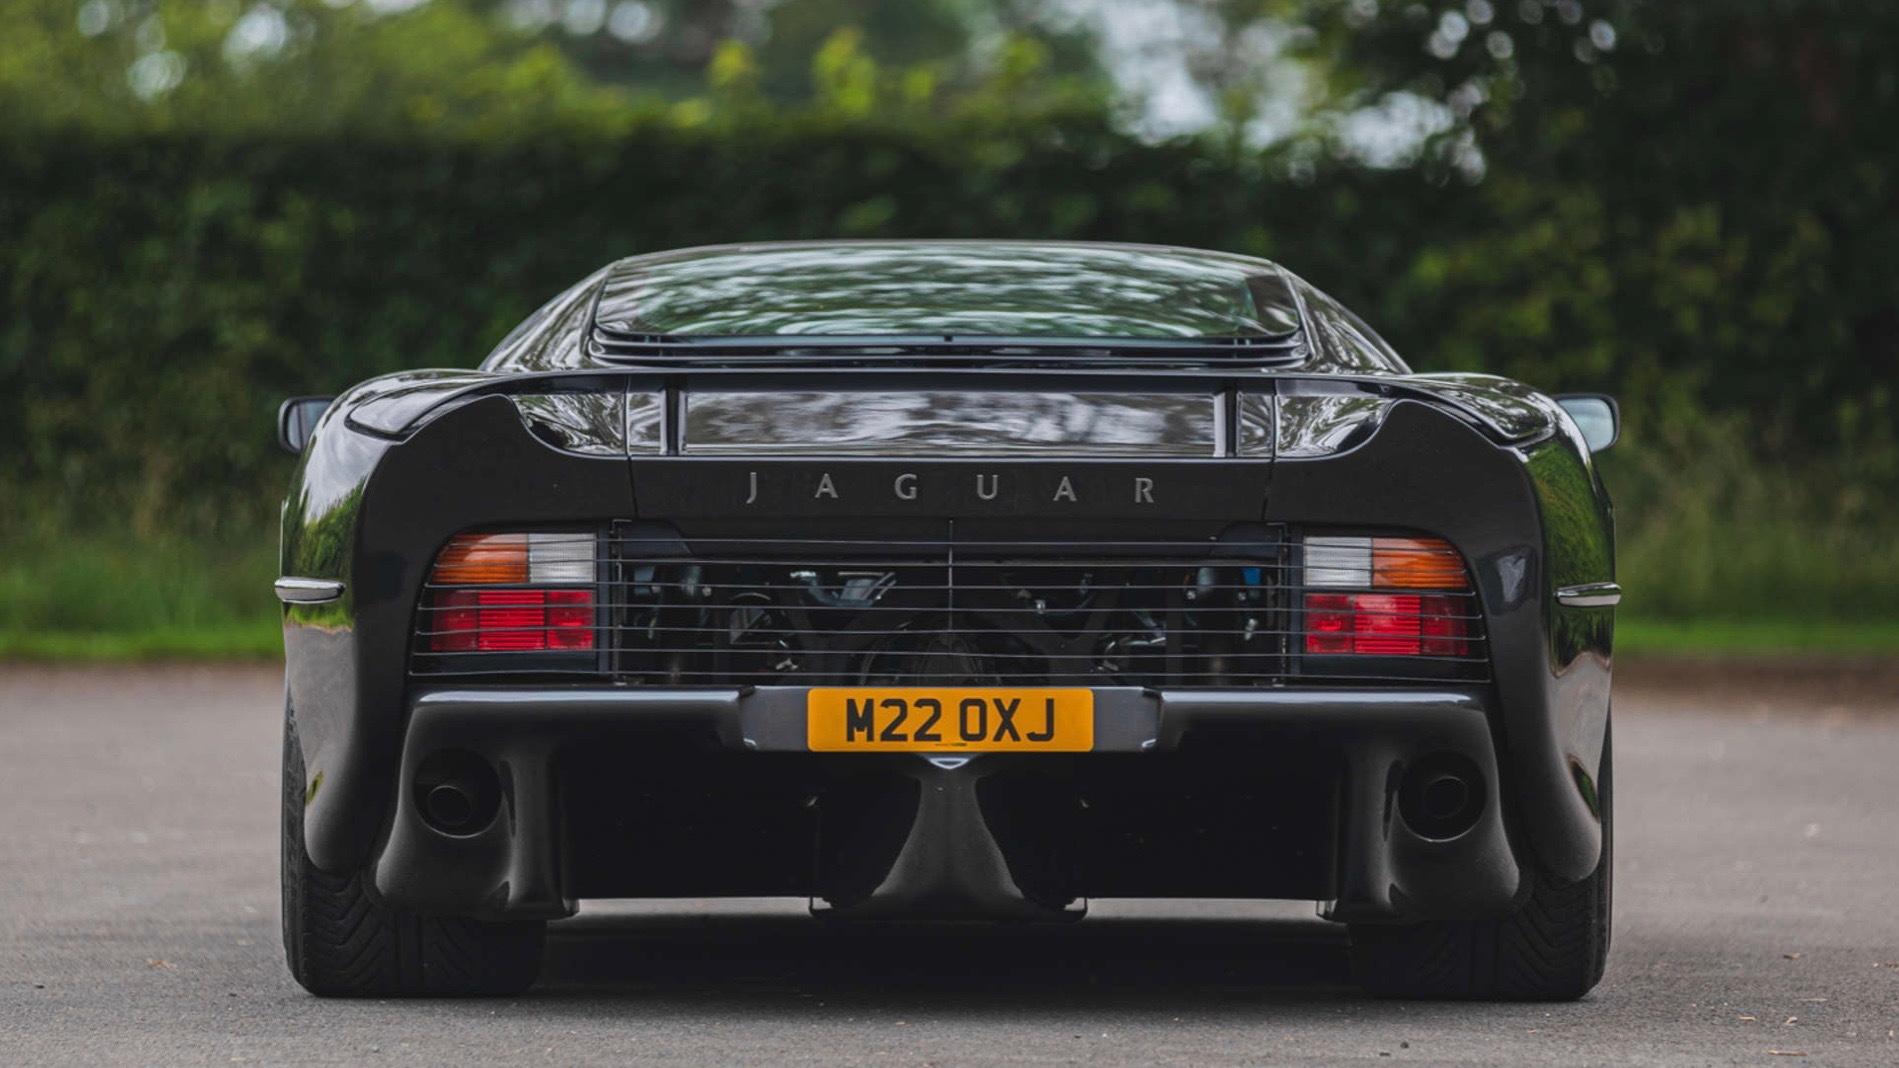 1995 Jaguar XJ220 (photo via Silverstone Auctions)